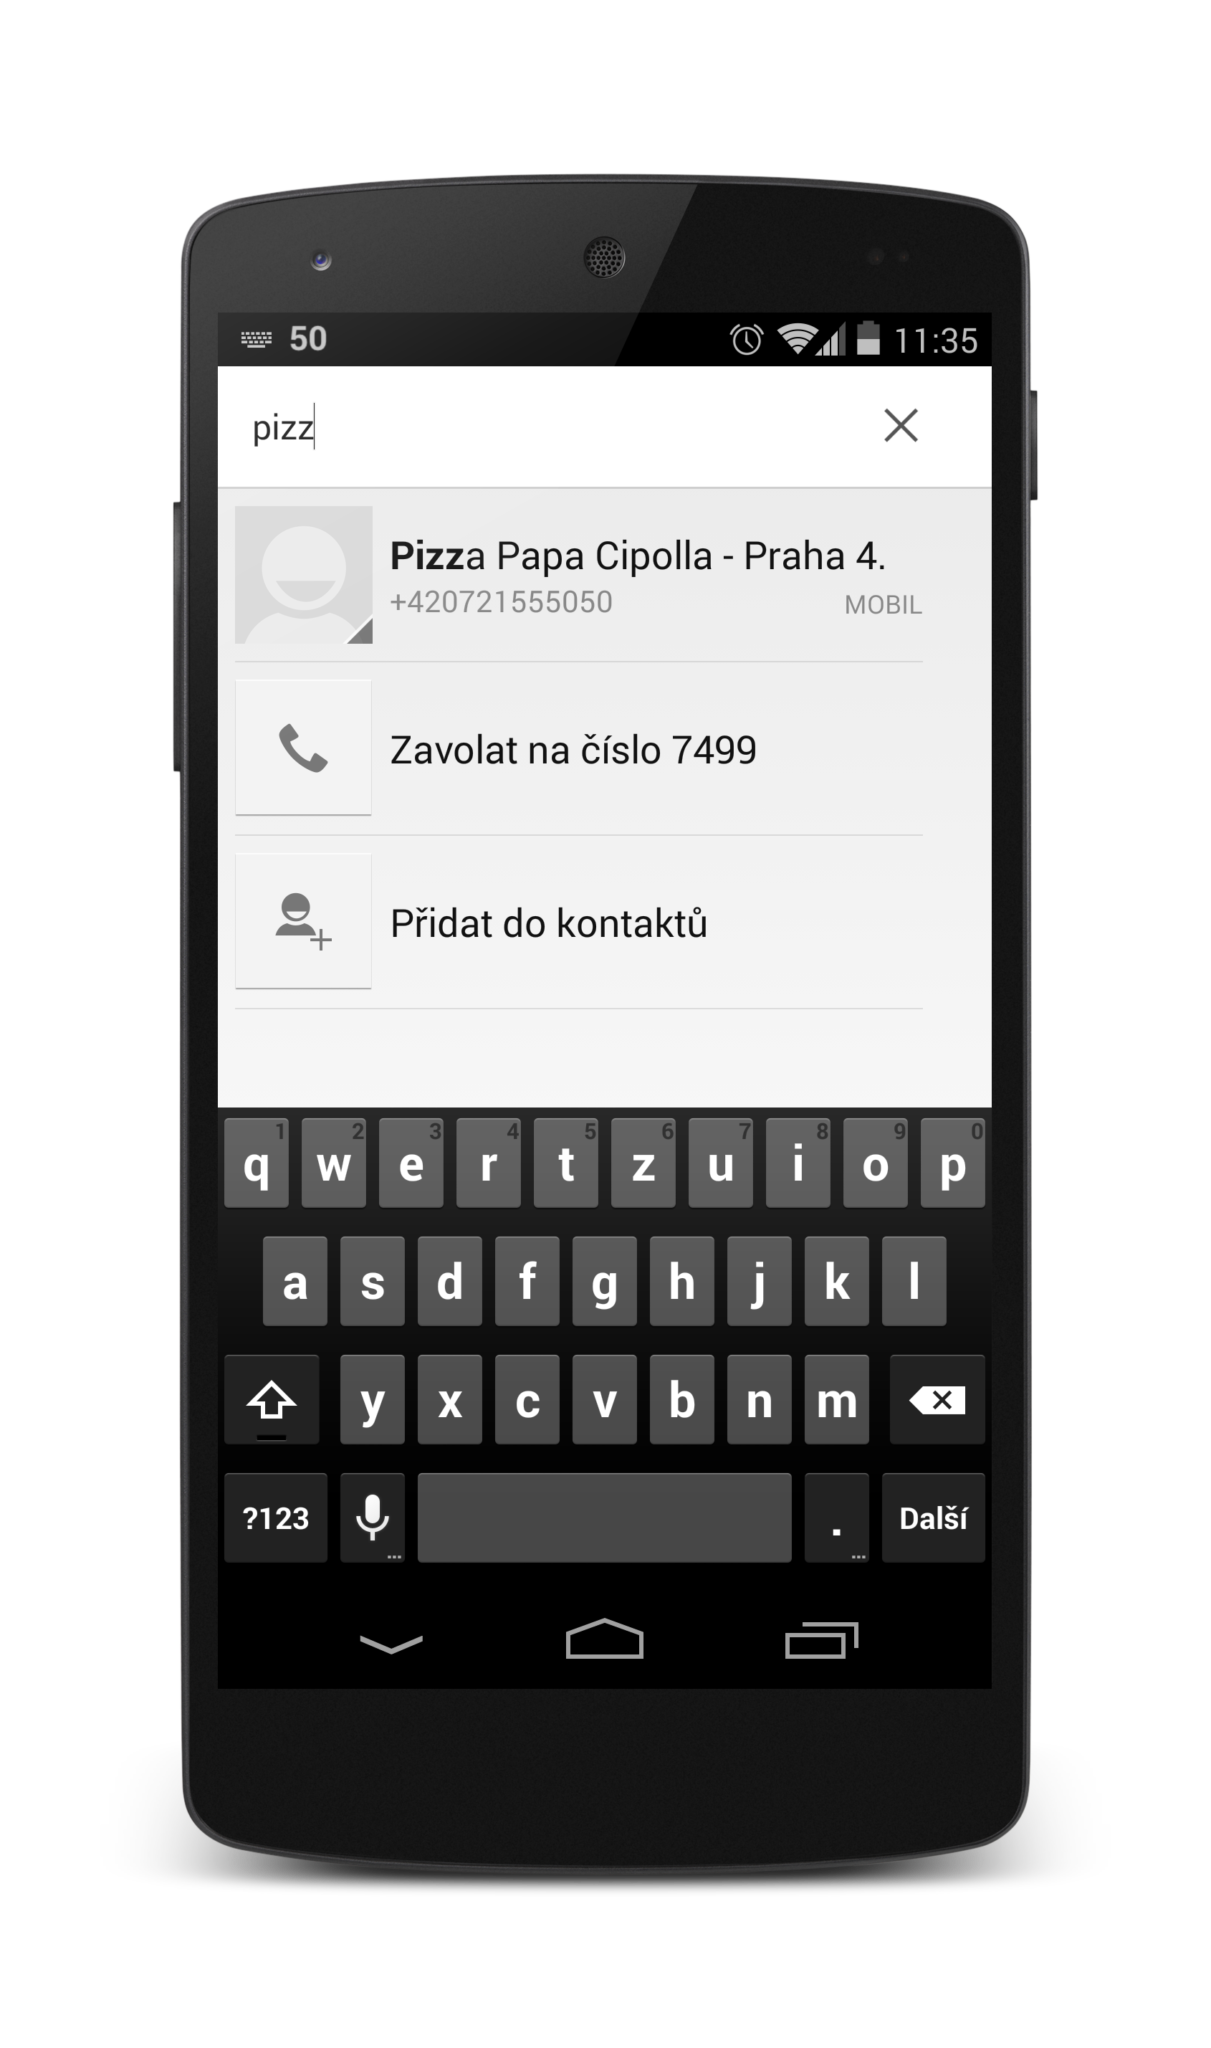 Chytrý Google Dialer z Nexusu 5 ke stažení